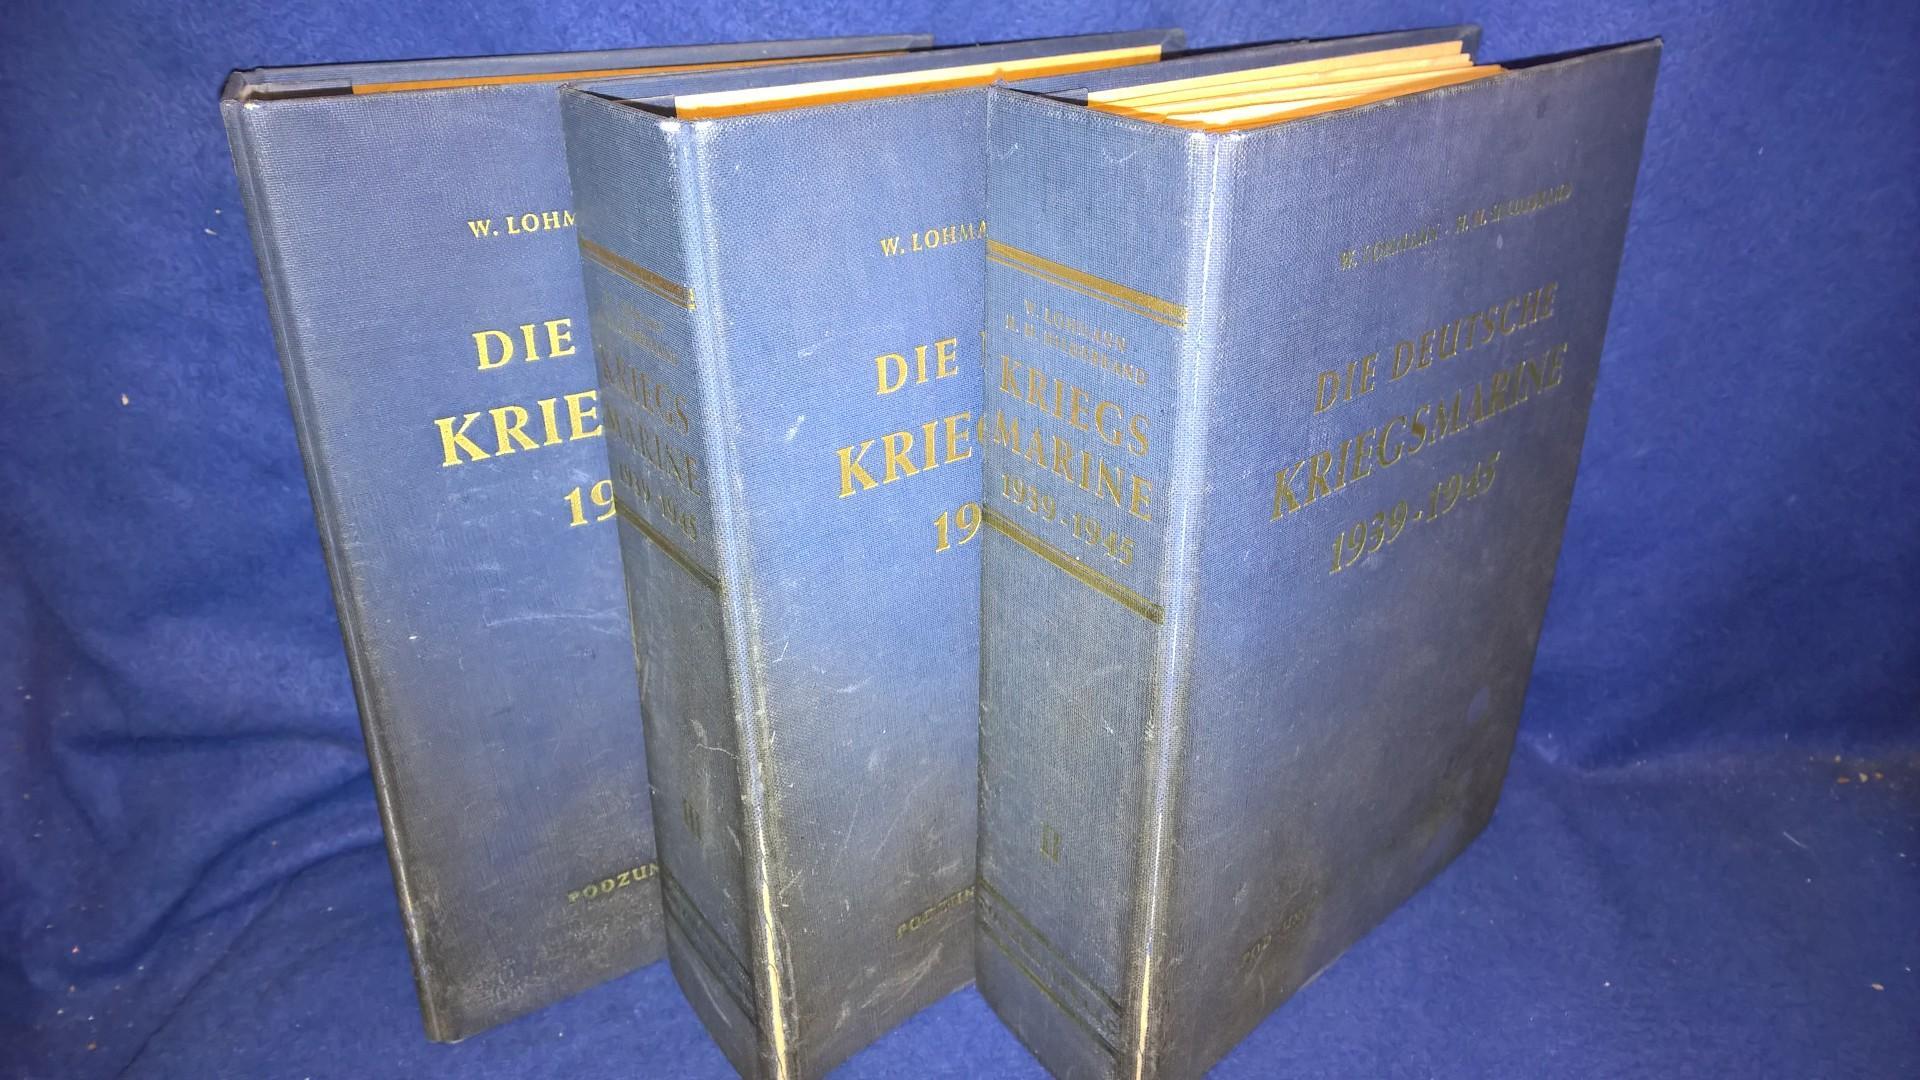 Die Deutsche Kriegsmarine 1939 - 45 . Seltene deutsche Loseblattausgabe mit zahlreichen Tafeln. Band 1-3 kompl. mit allen Lieferungen 1-293